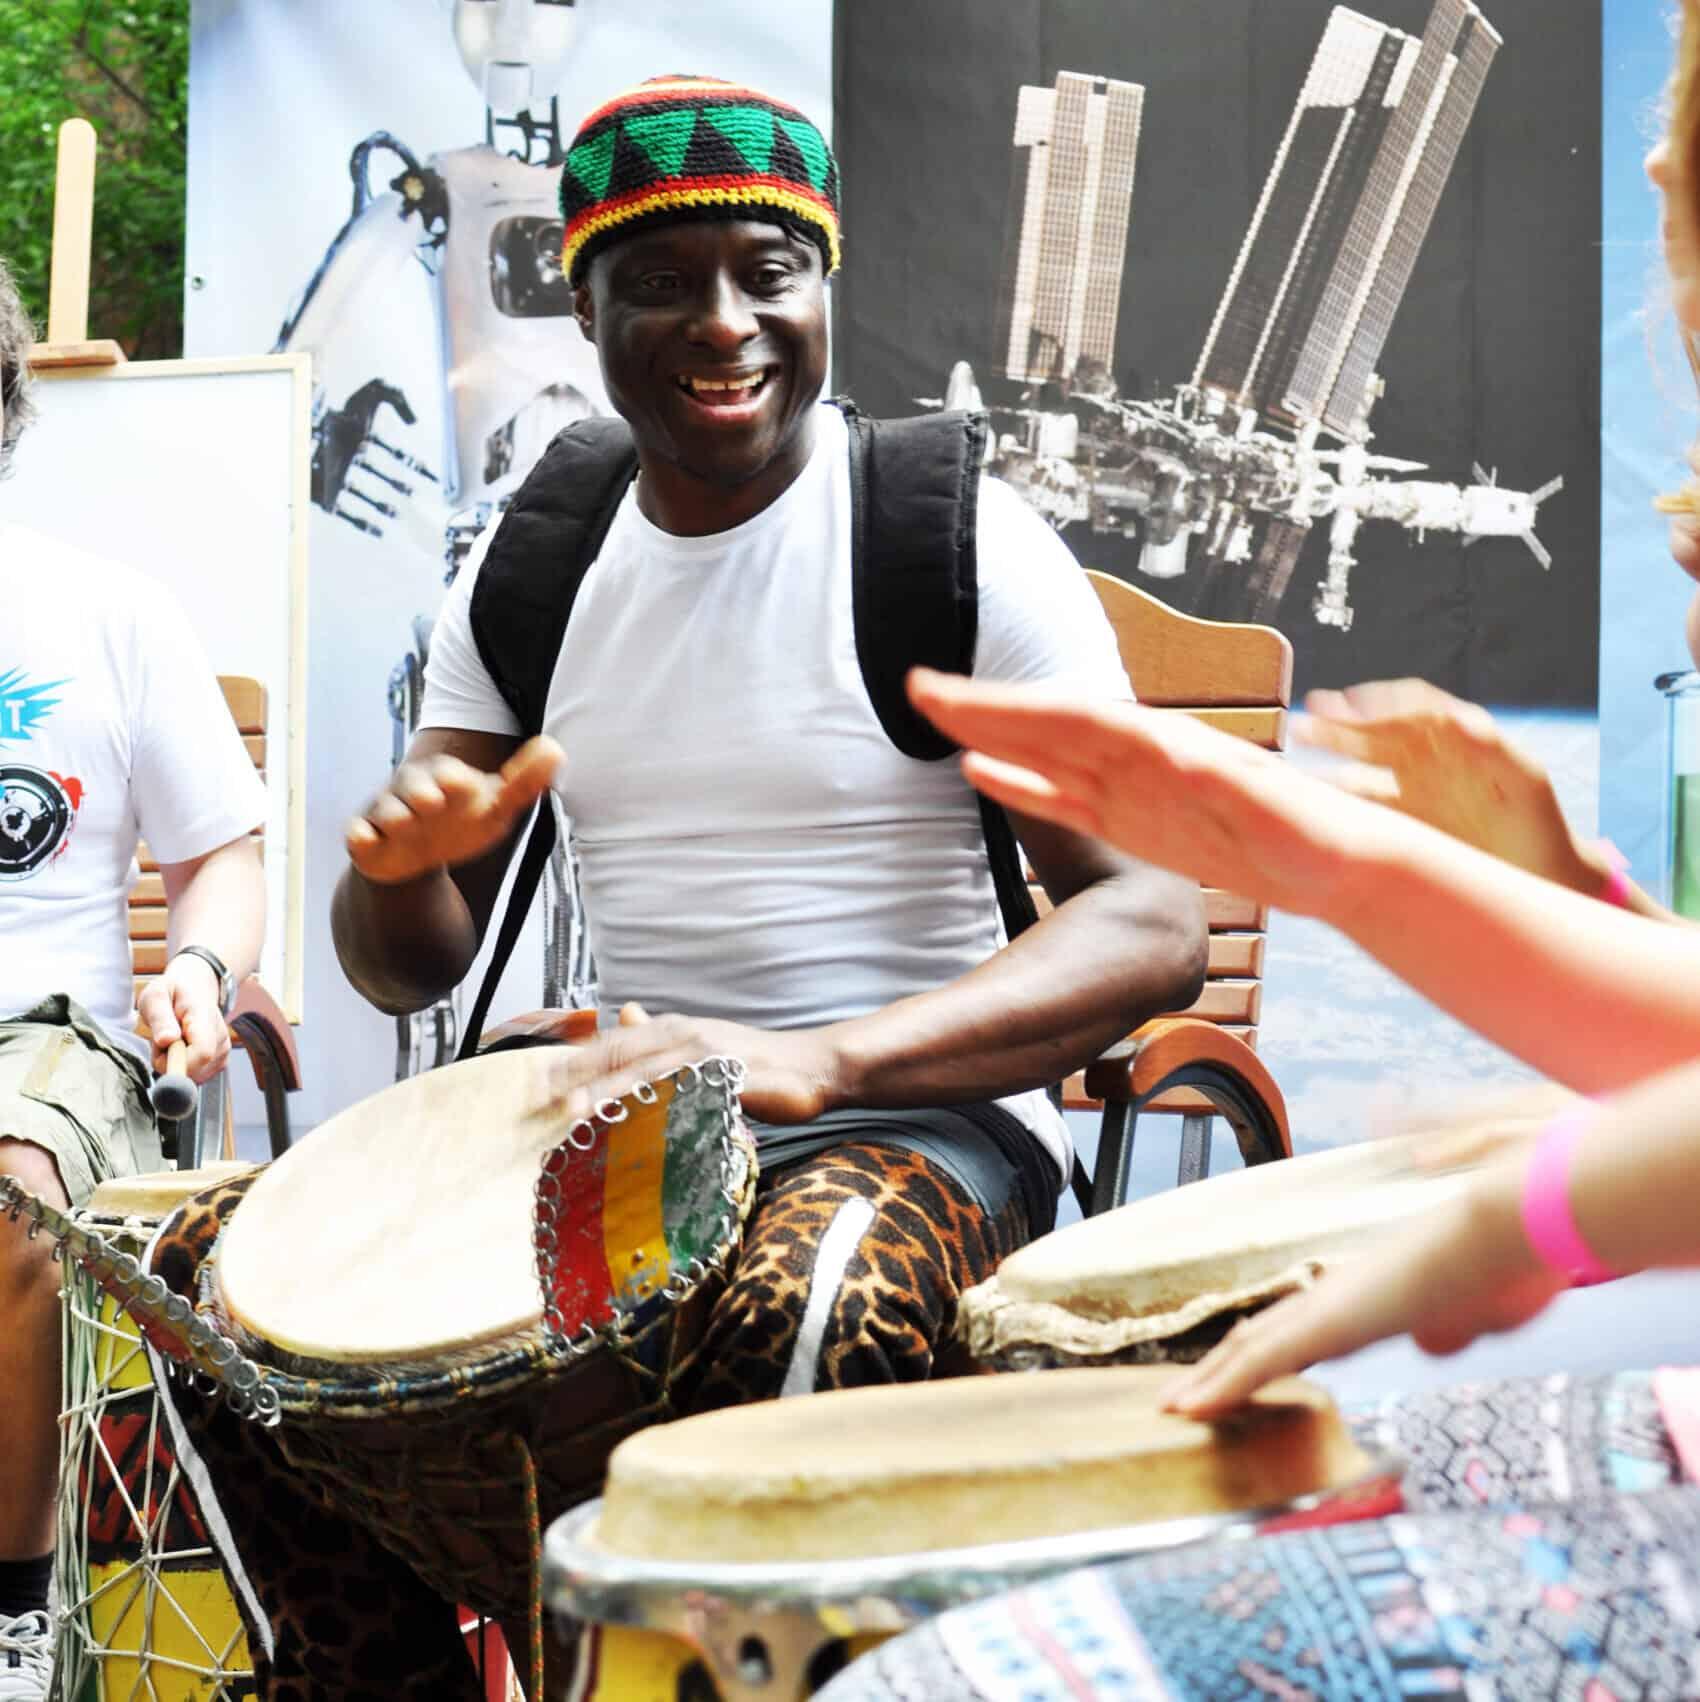 roześmiany mężczyzna grający na bębnie djembe